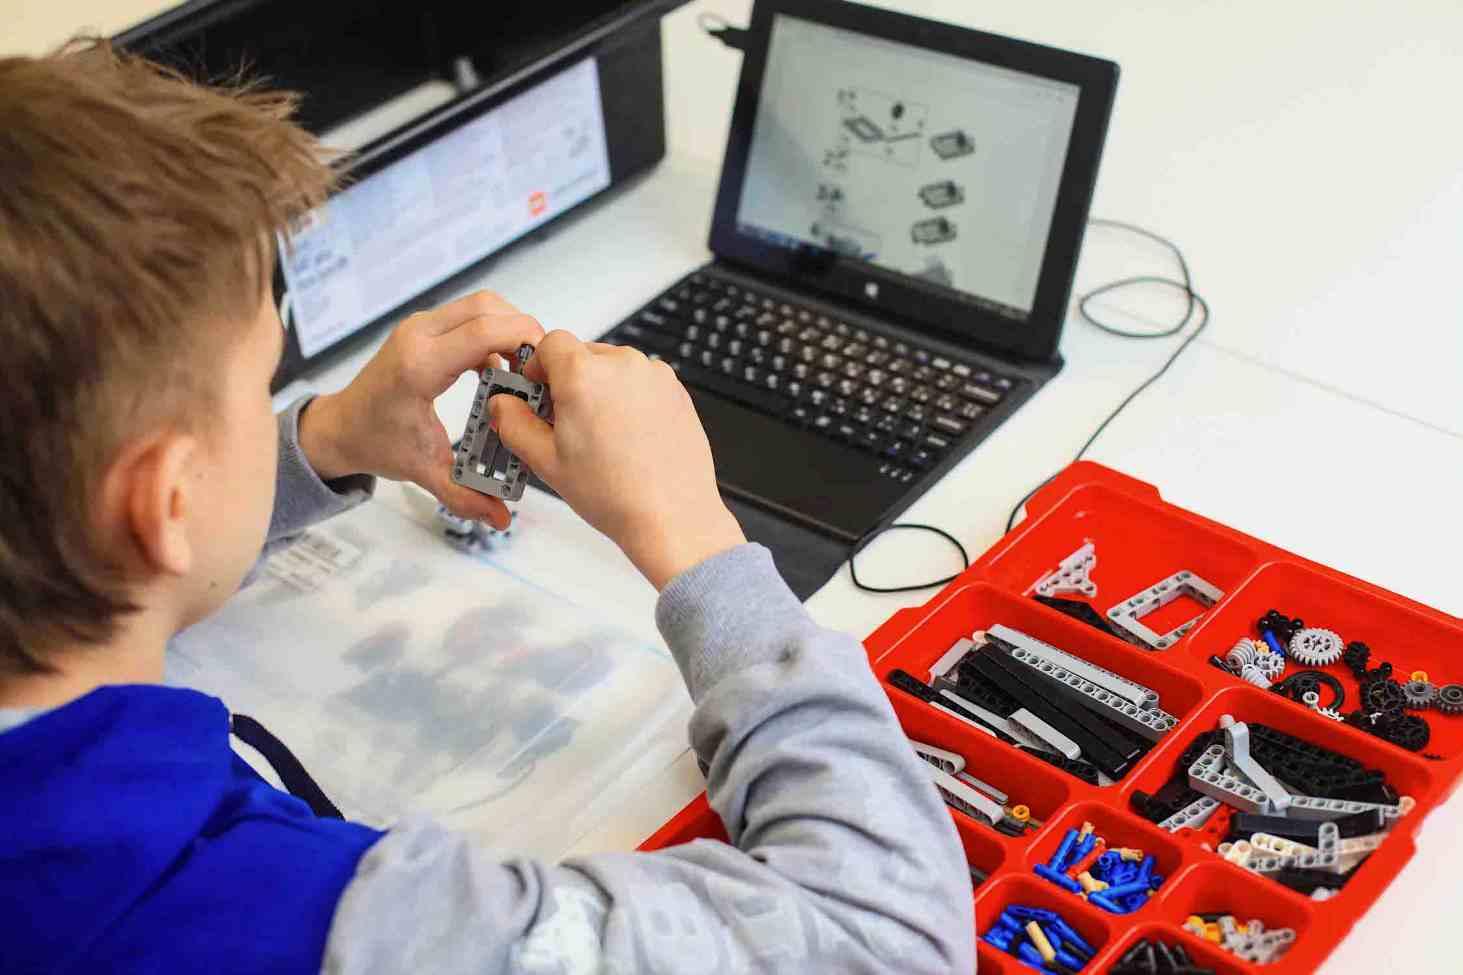 kak-organizovat-proektnuyu-deyatelnost-po-robototehnike-v-shkole